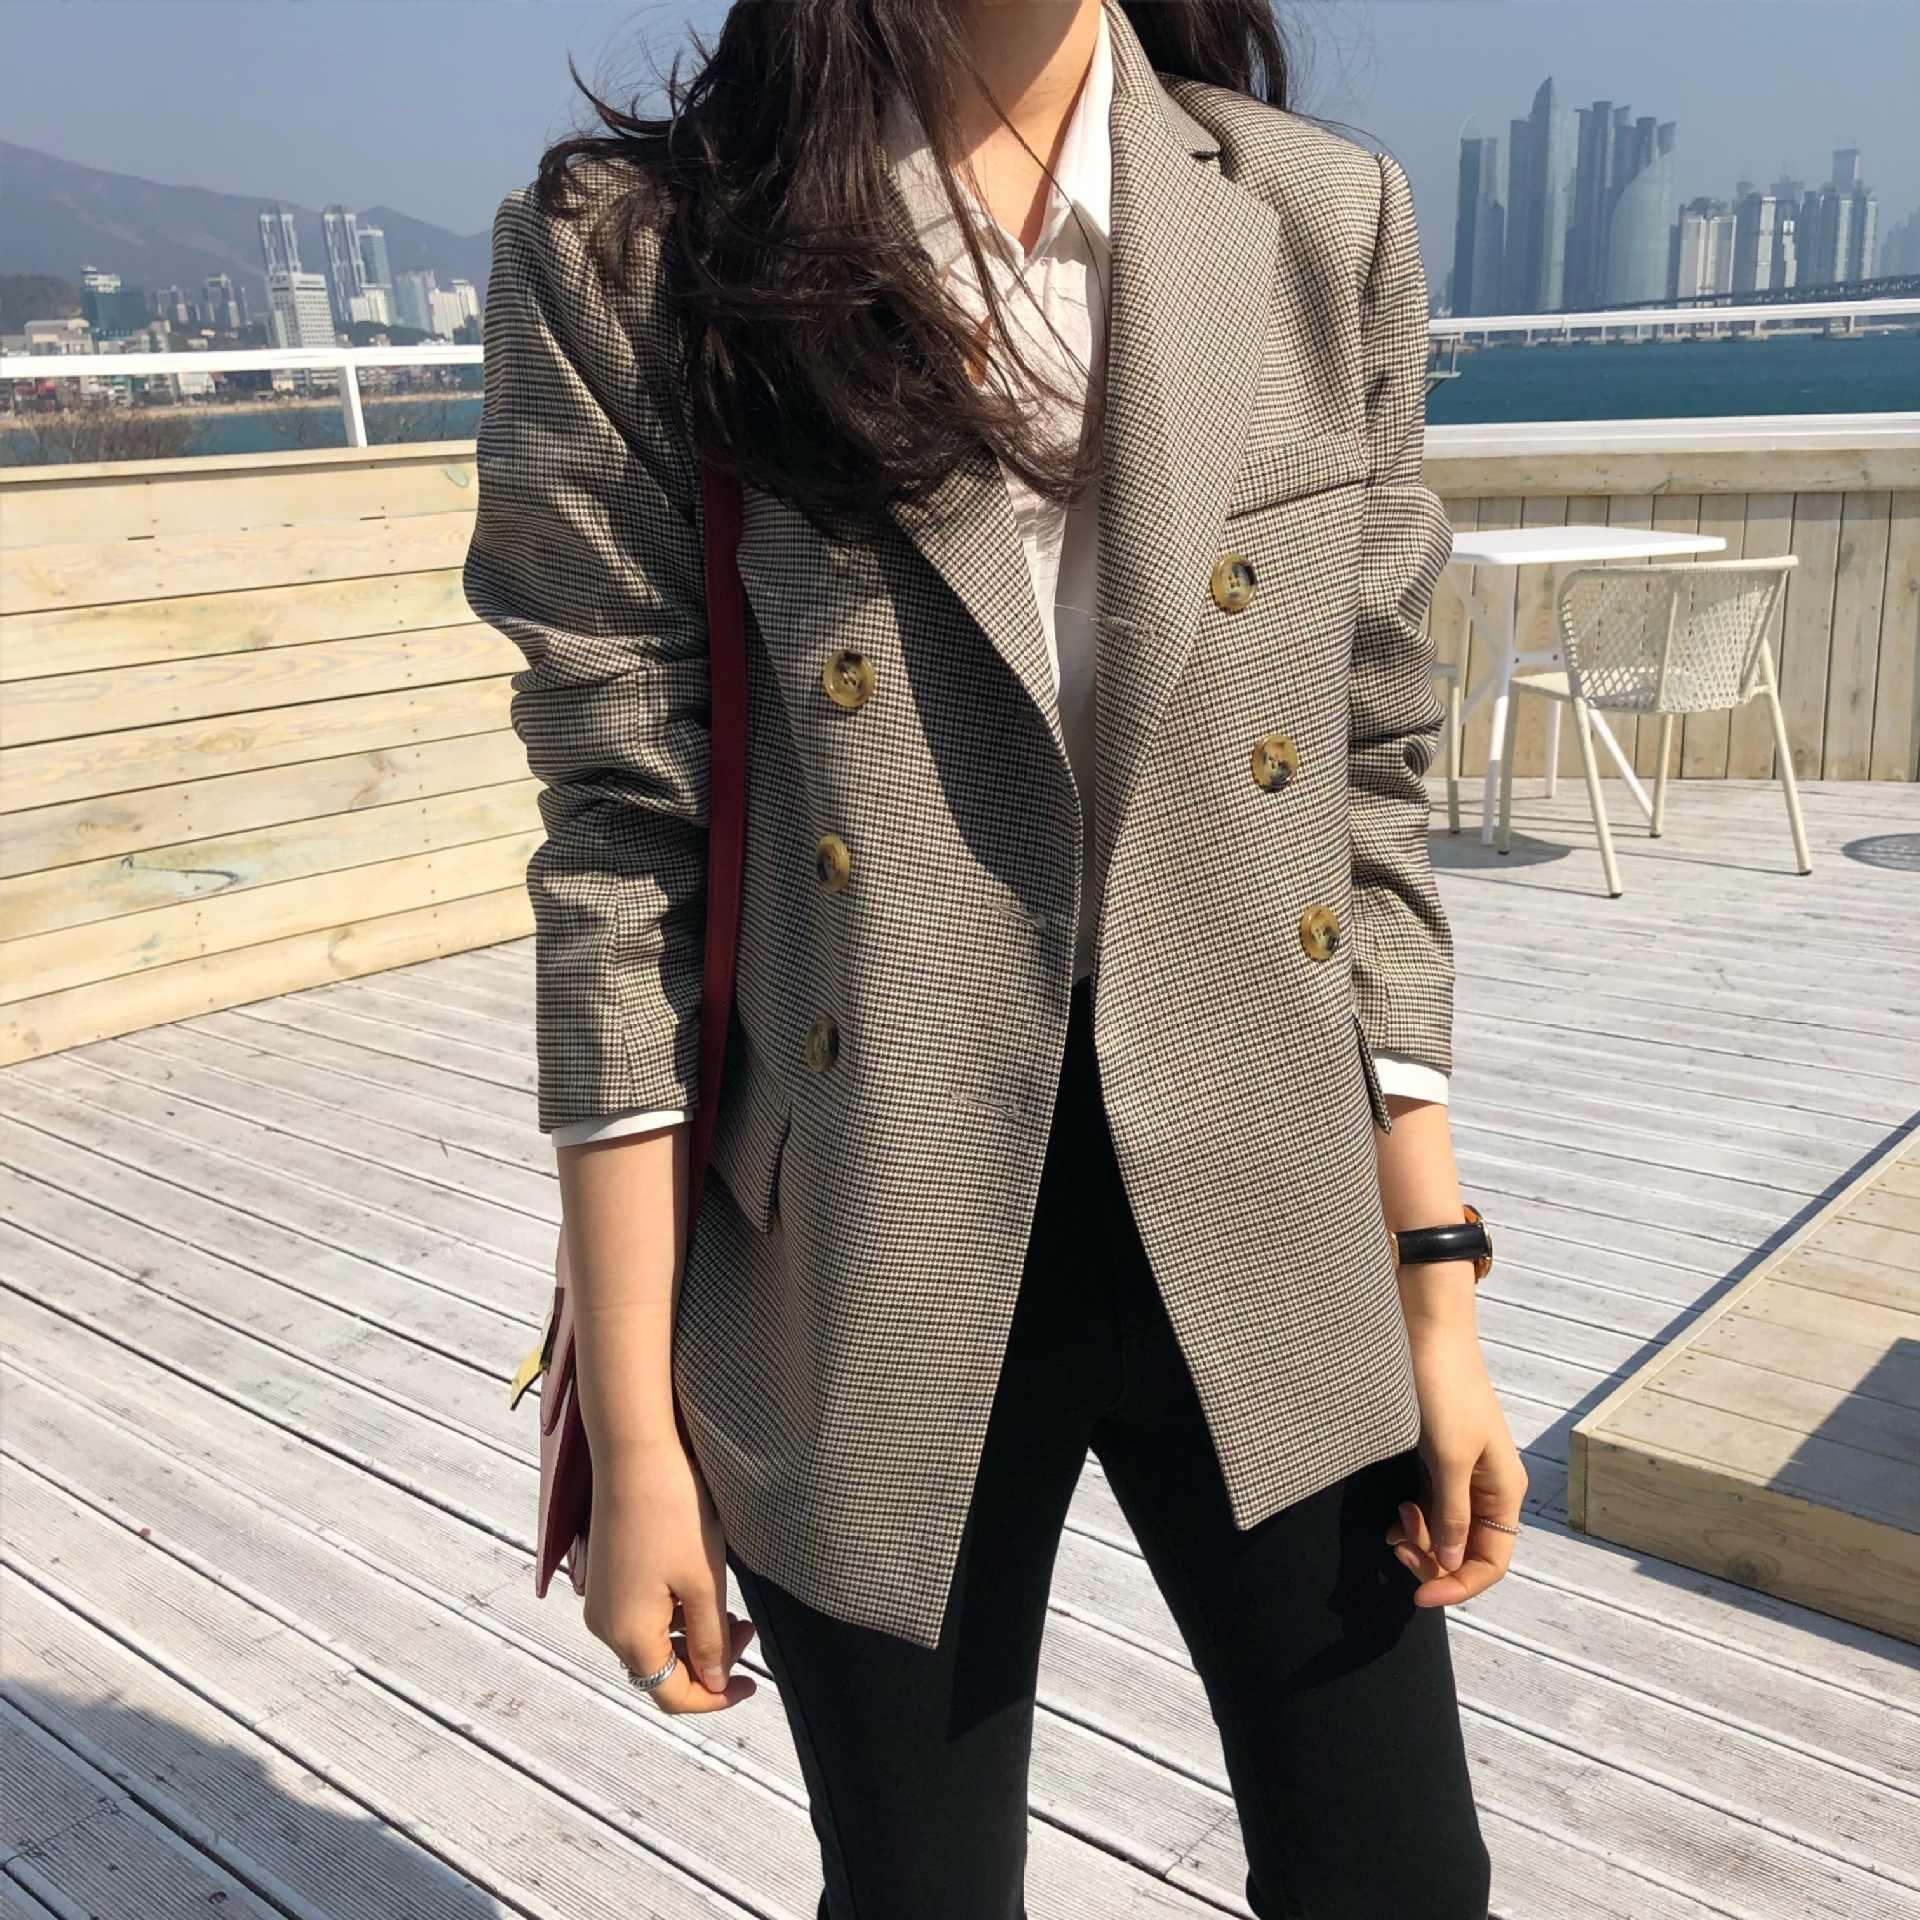 古典的な女性のブレザー 2019 秋の新スリムフルスリーブチェック柄ジャケット女性ヴィンテージヒップスターオフィススーツ高品質 2 色